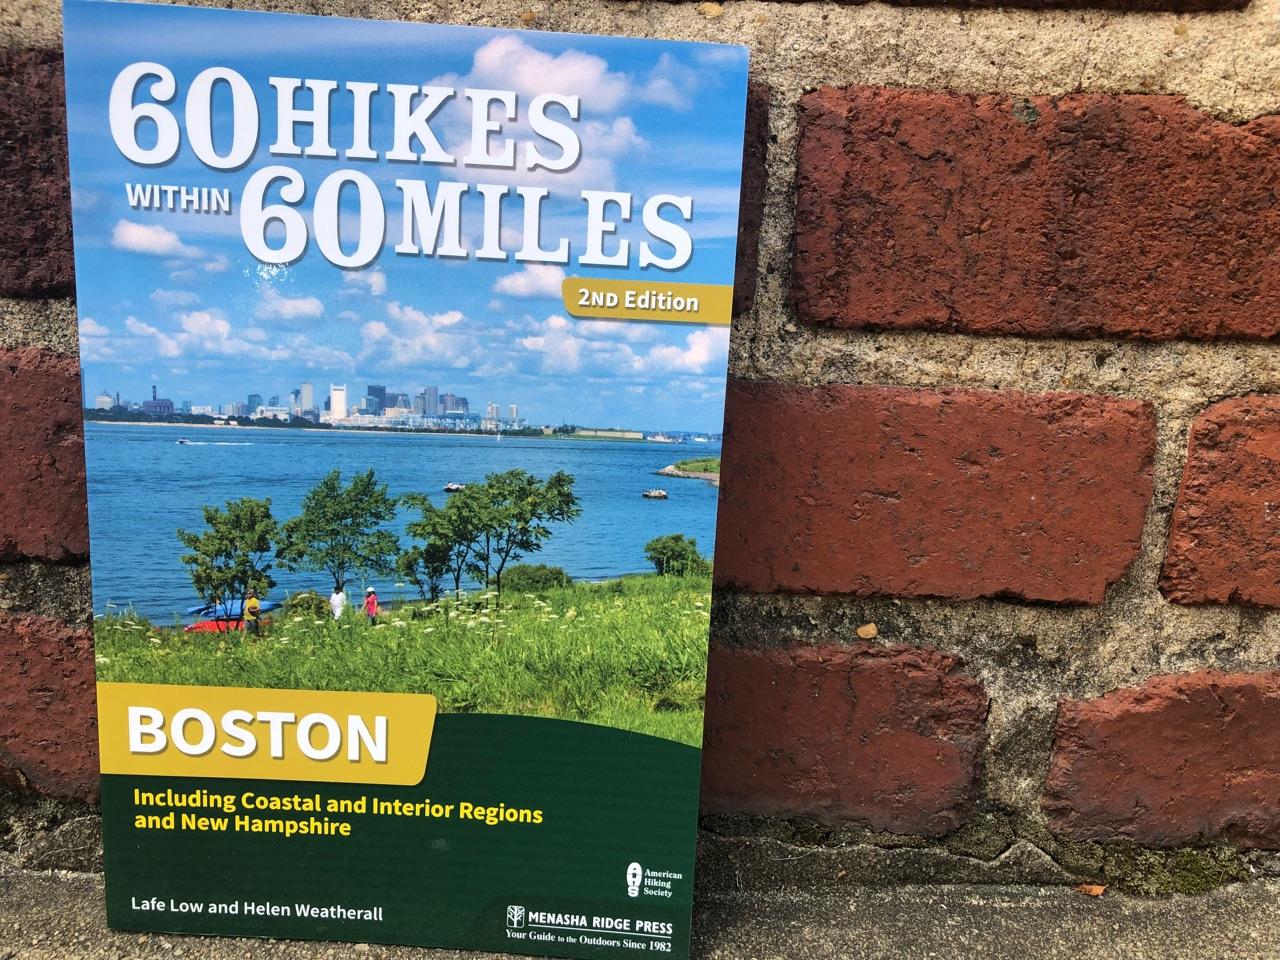 60 Hikes Within 60 Miles: Boston, Lafe Low, Menasha Ridge Press, Boston hiking